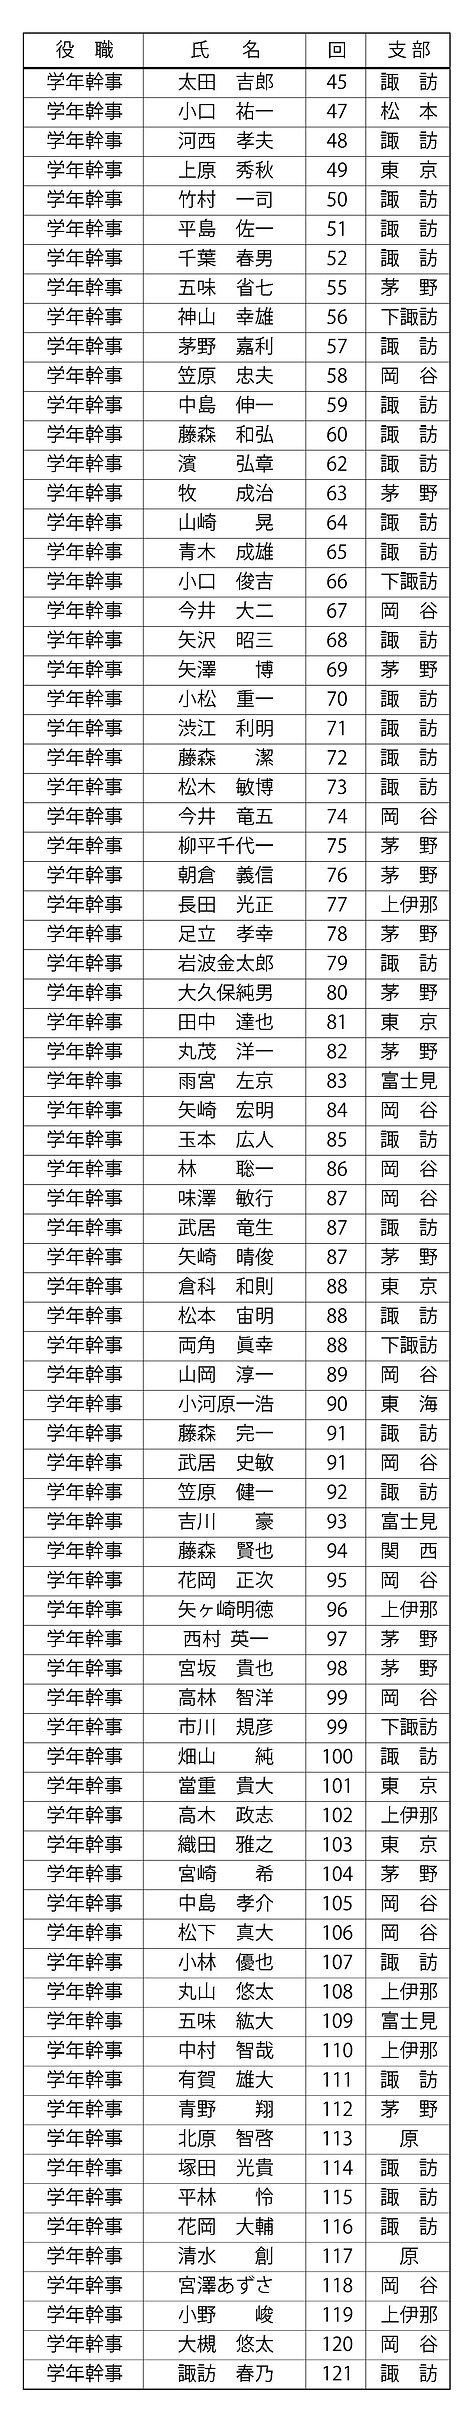 役員名簿2020-07改32.jpg